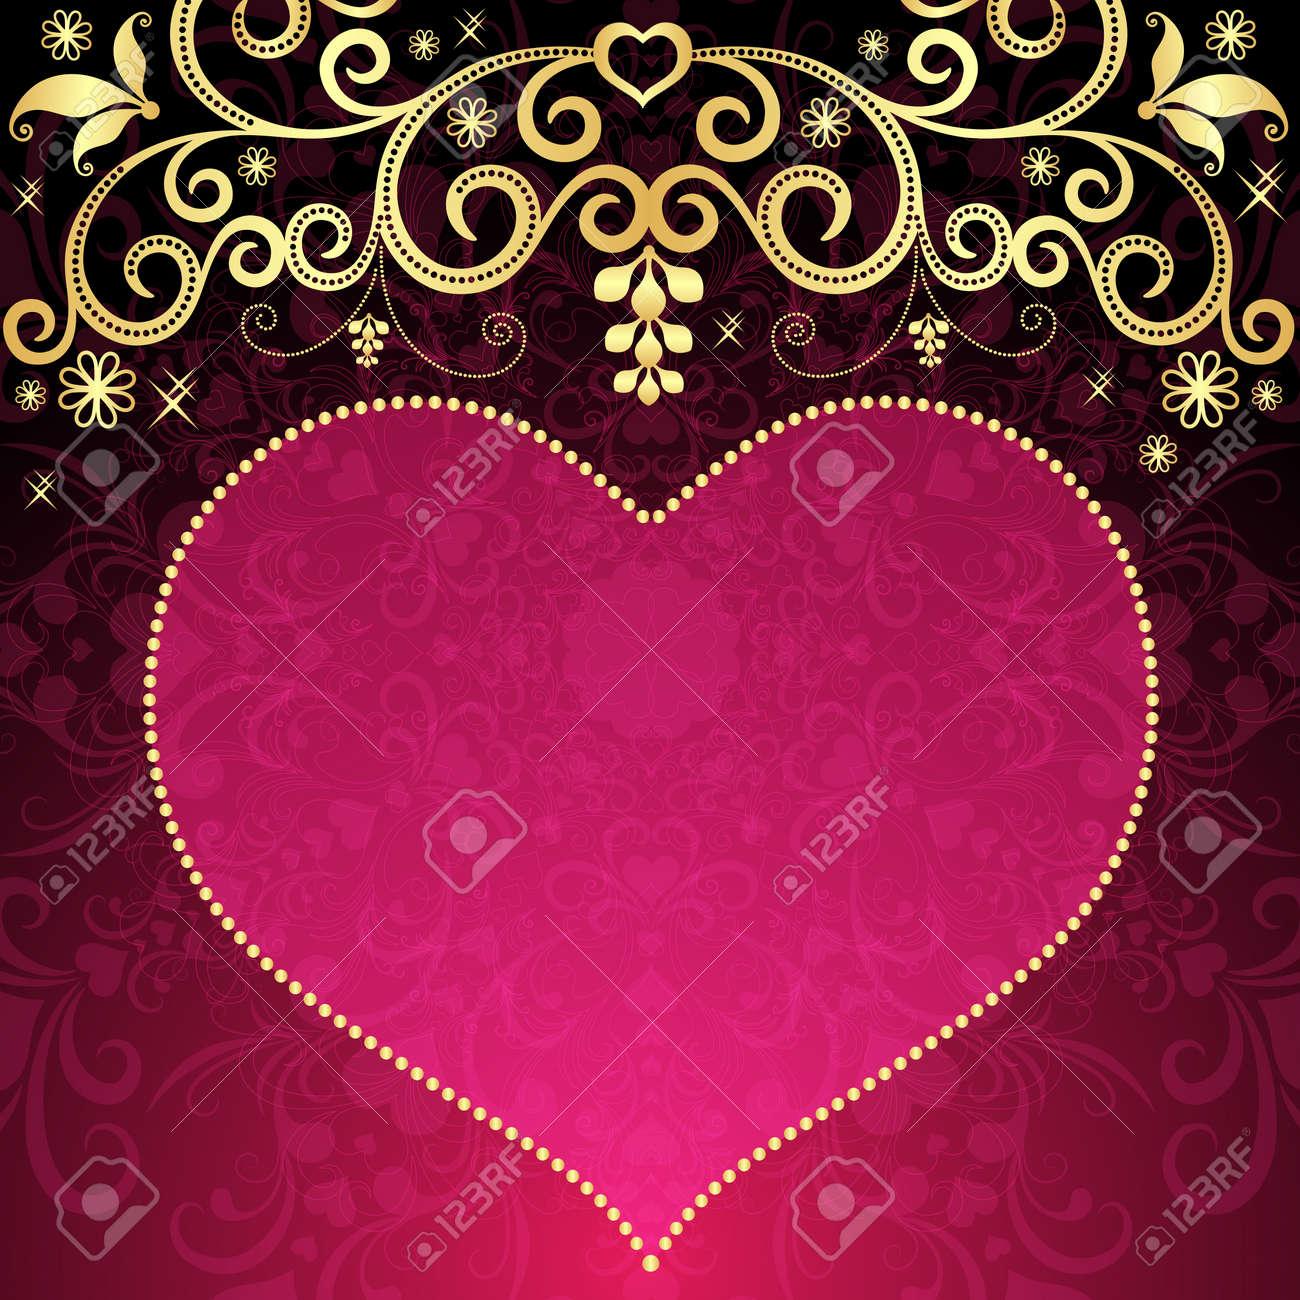 San Valentín Marco Floral Con Gran Corazón Rosa Translúcido Y El ...